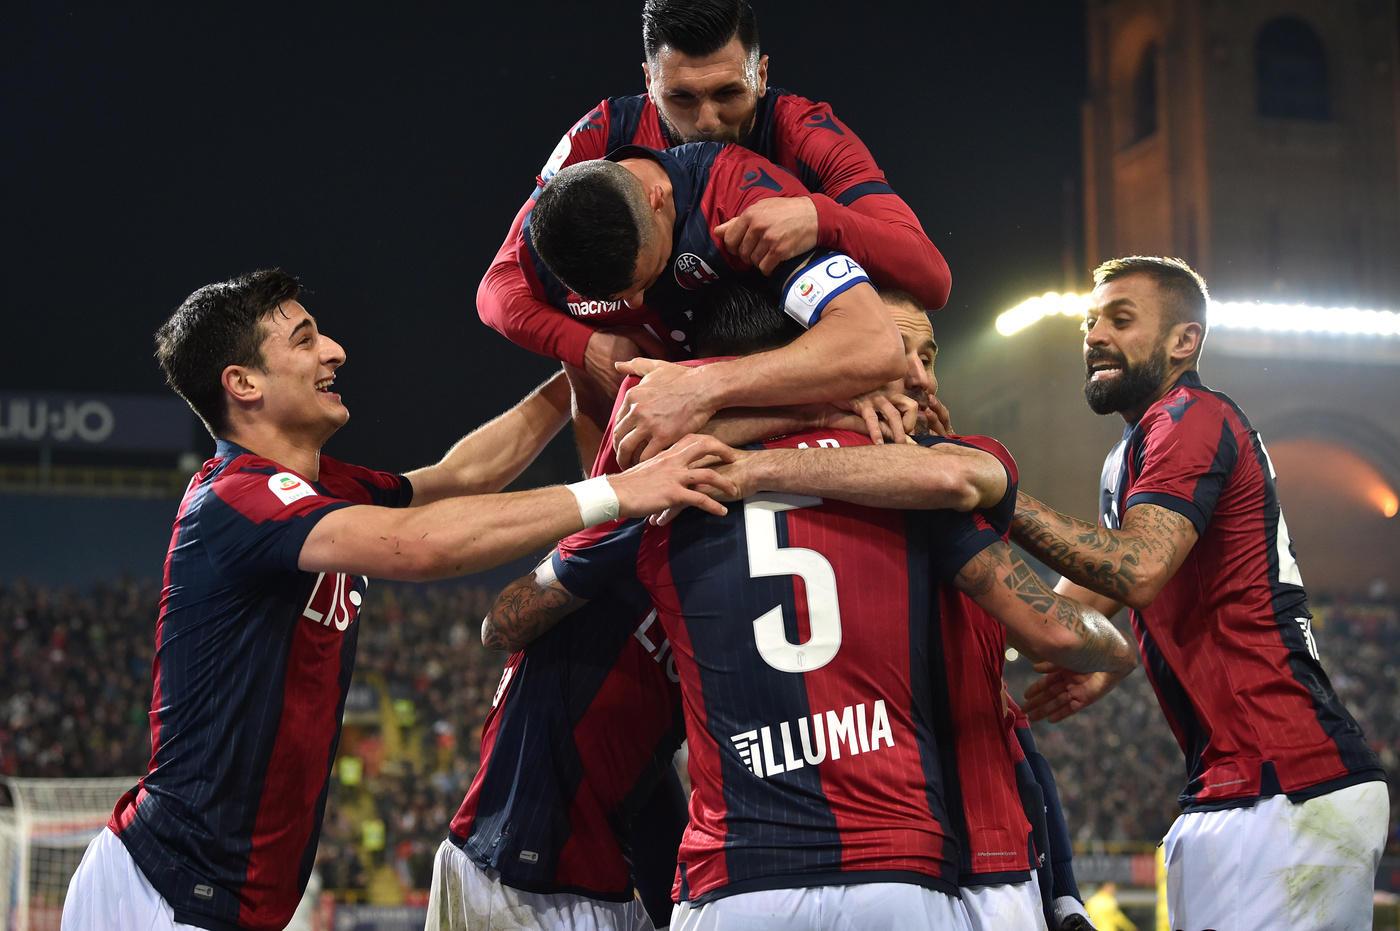 Il Bologna batte per 2-0 il Chievo ed entra in zona salvezza.